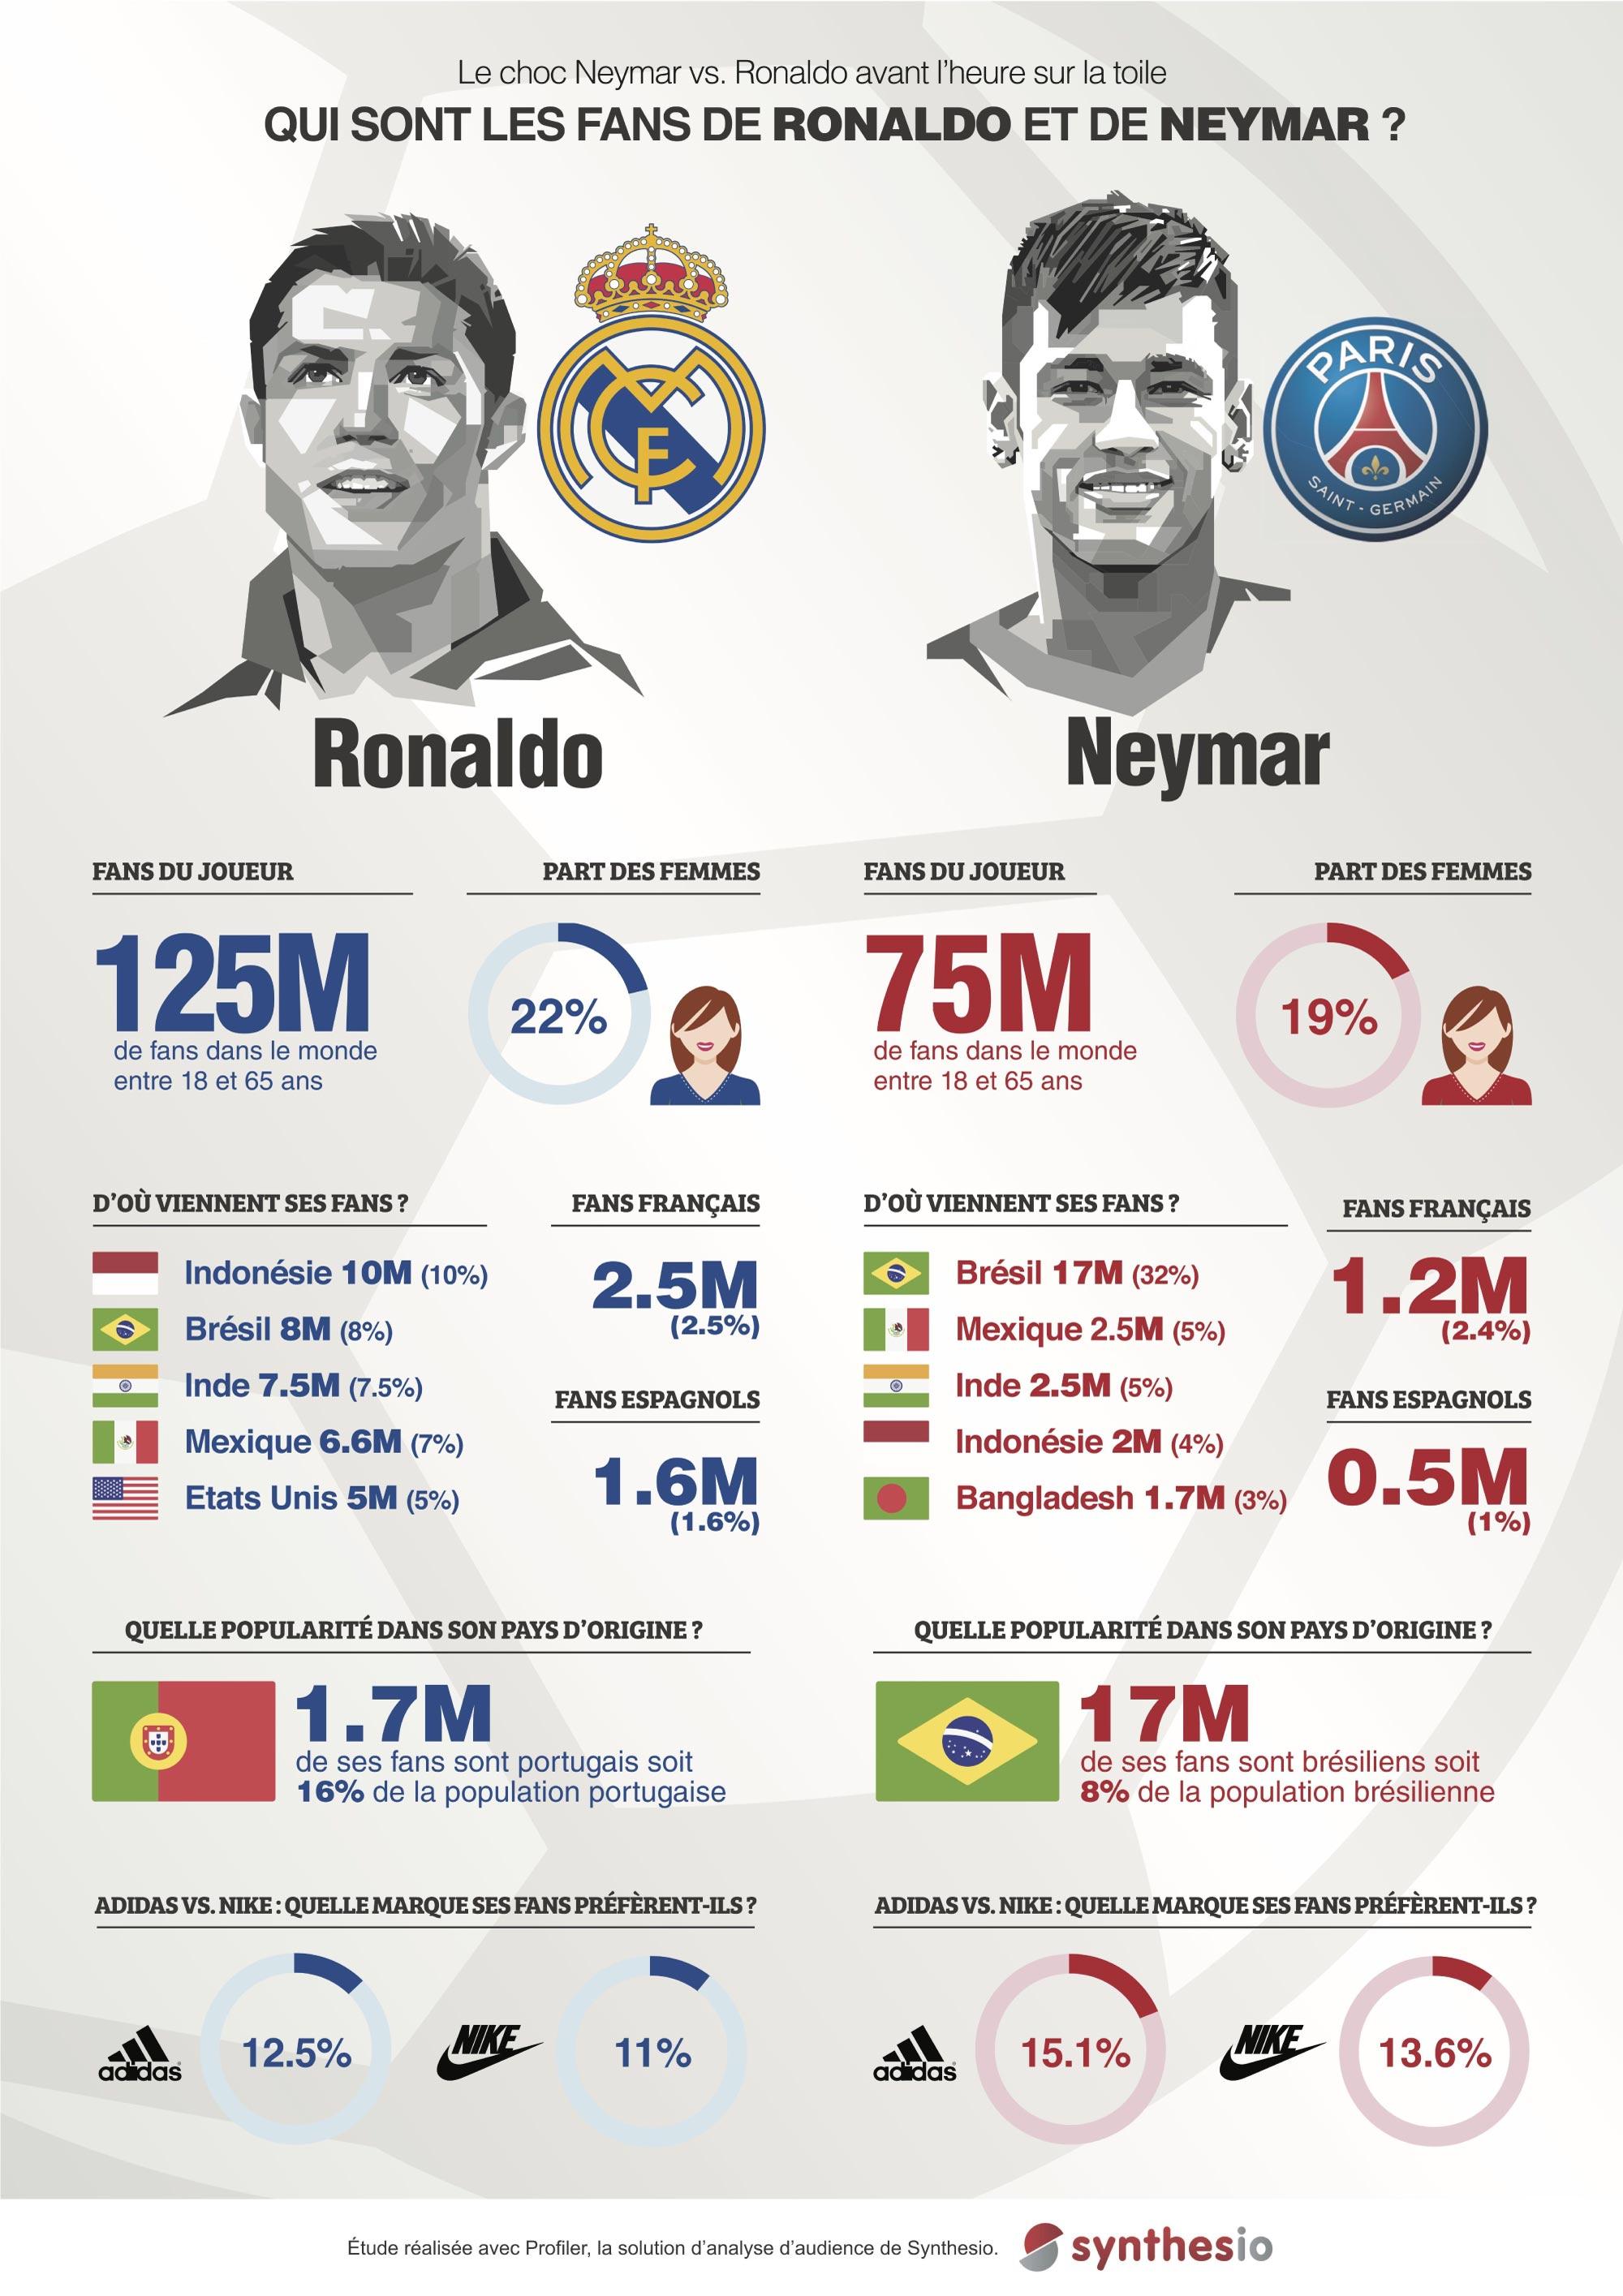 Neymar vs Ronaldo : un duel aussi sur les réseaux sociaux